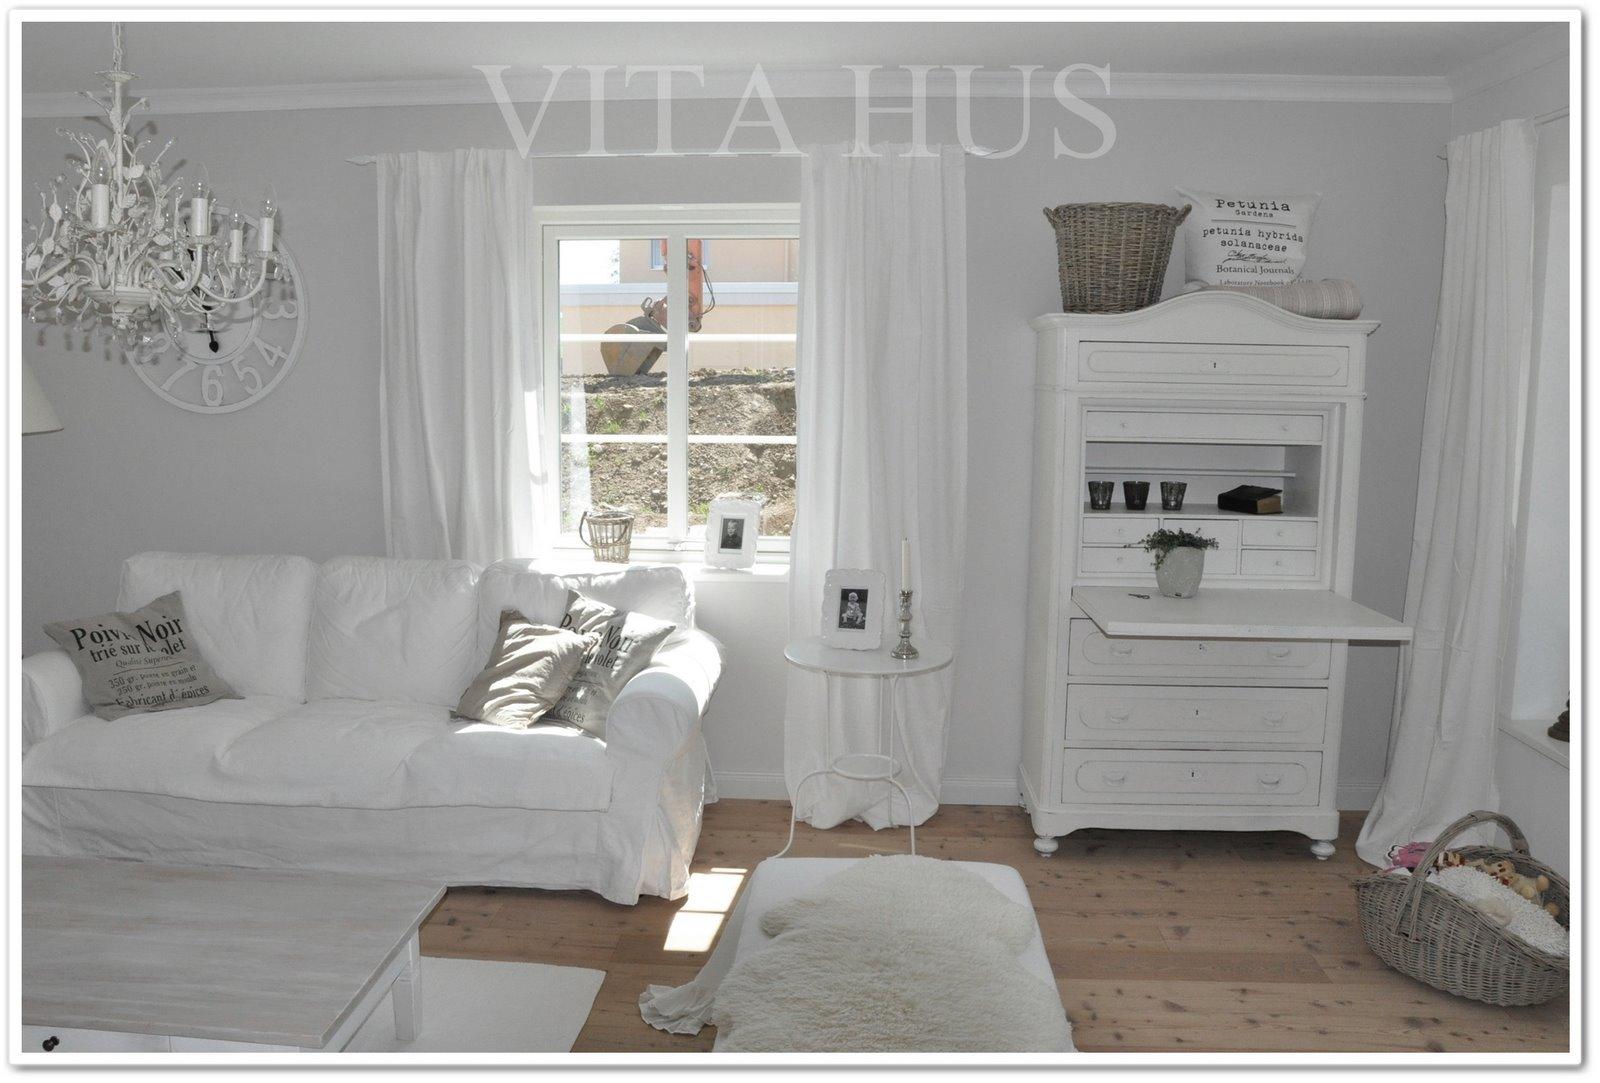 wohnen blog vintage wohnen blog sch ner wohnen haus mono in mannheim schwoererblog blog. Black Bedroom Furniture Sets. Home Design Ideas